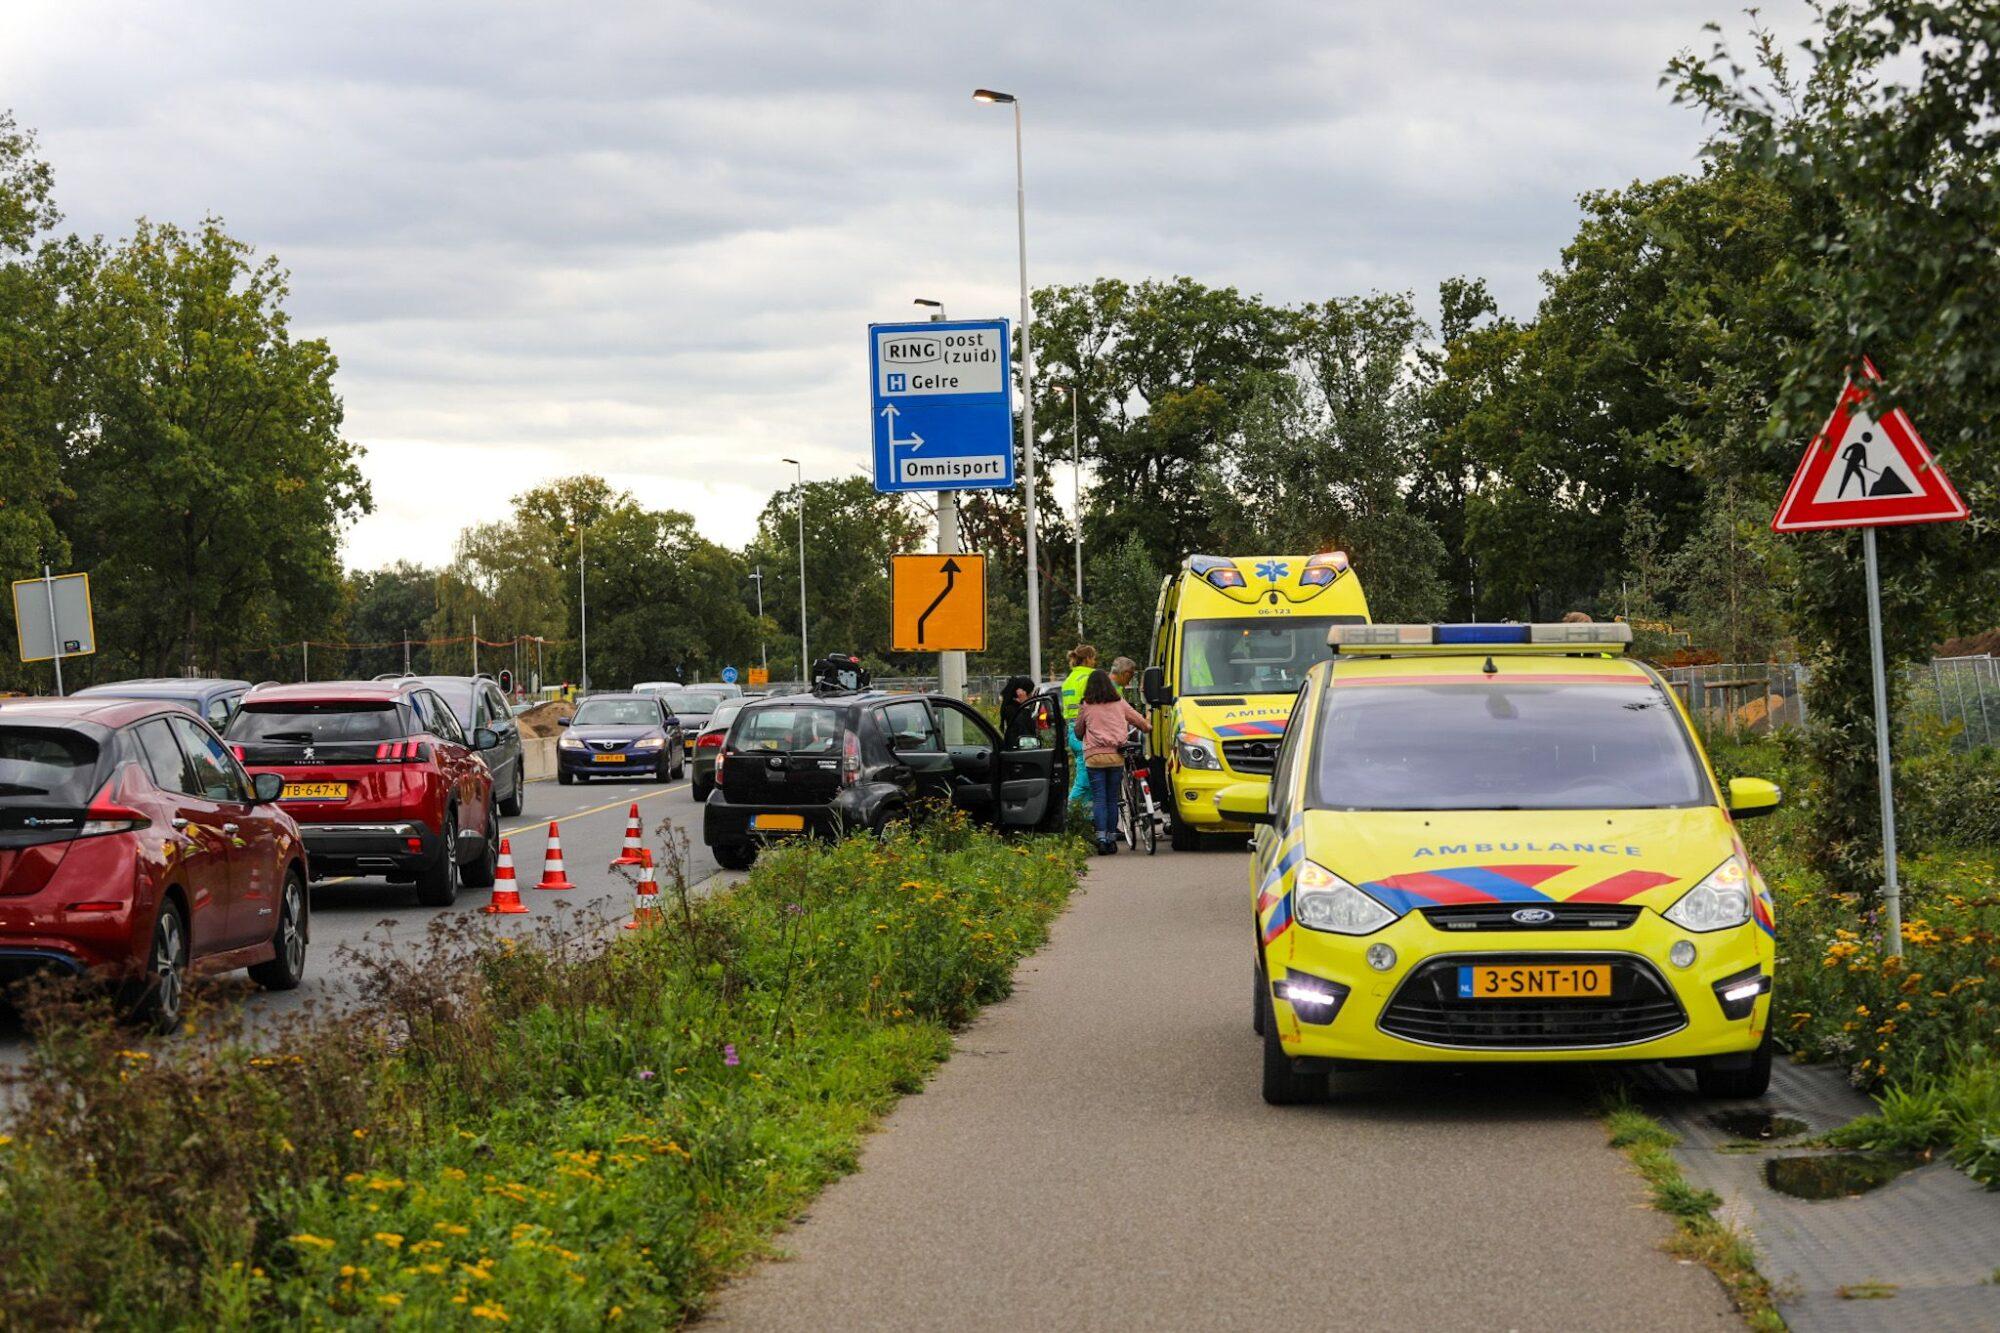 Flinke verkeershinder op Laan van Erica in Apeldoorn